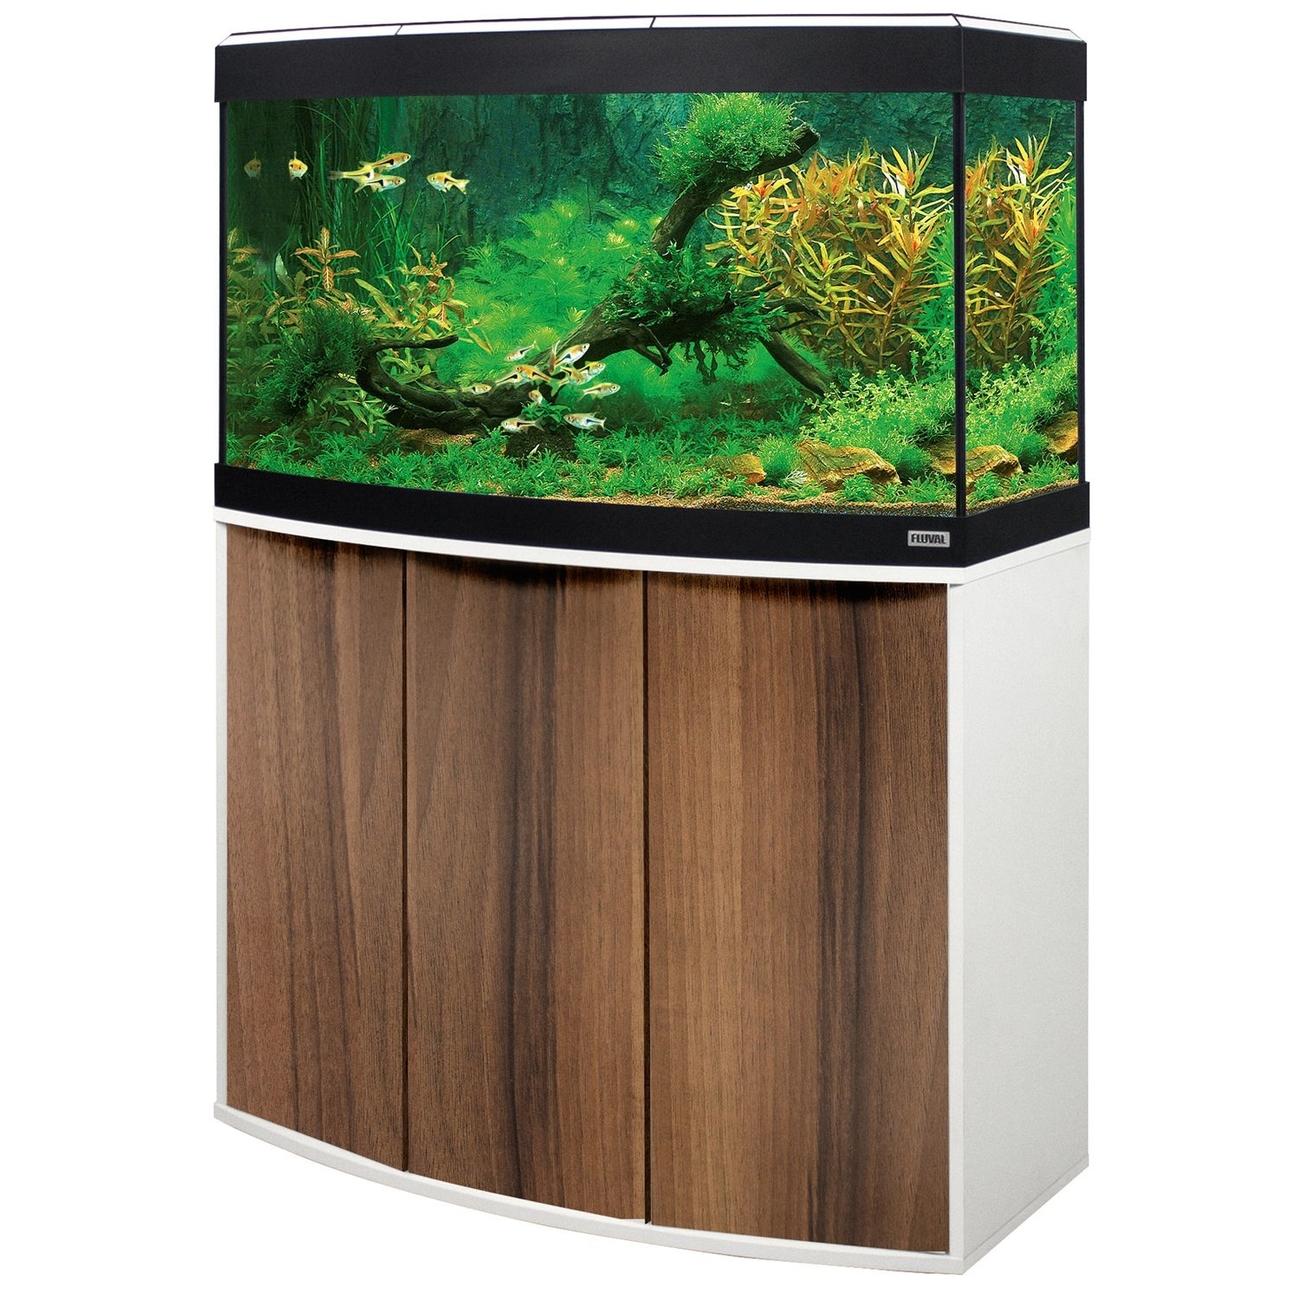 Fluval Süßwasser Aquarium mit Schrank Vicenza, Bild 17